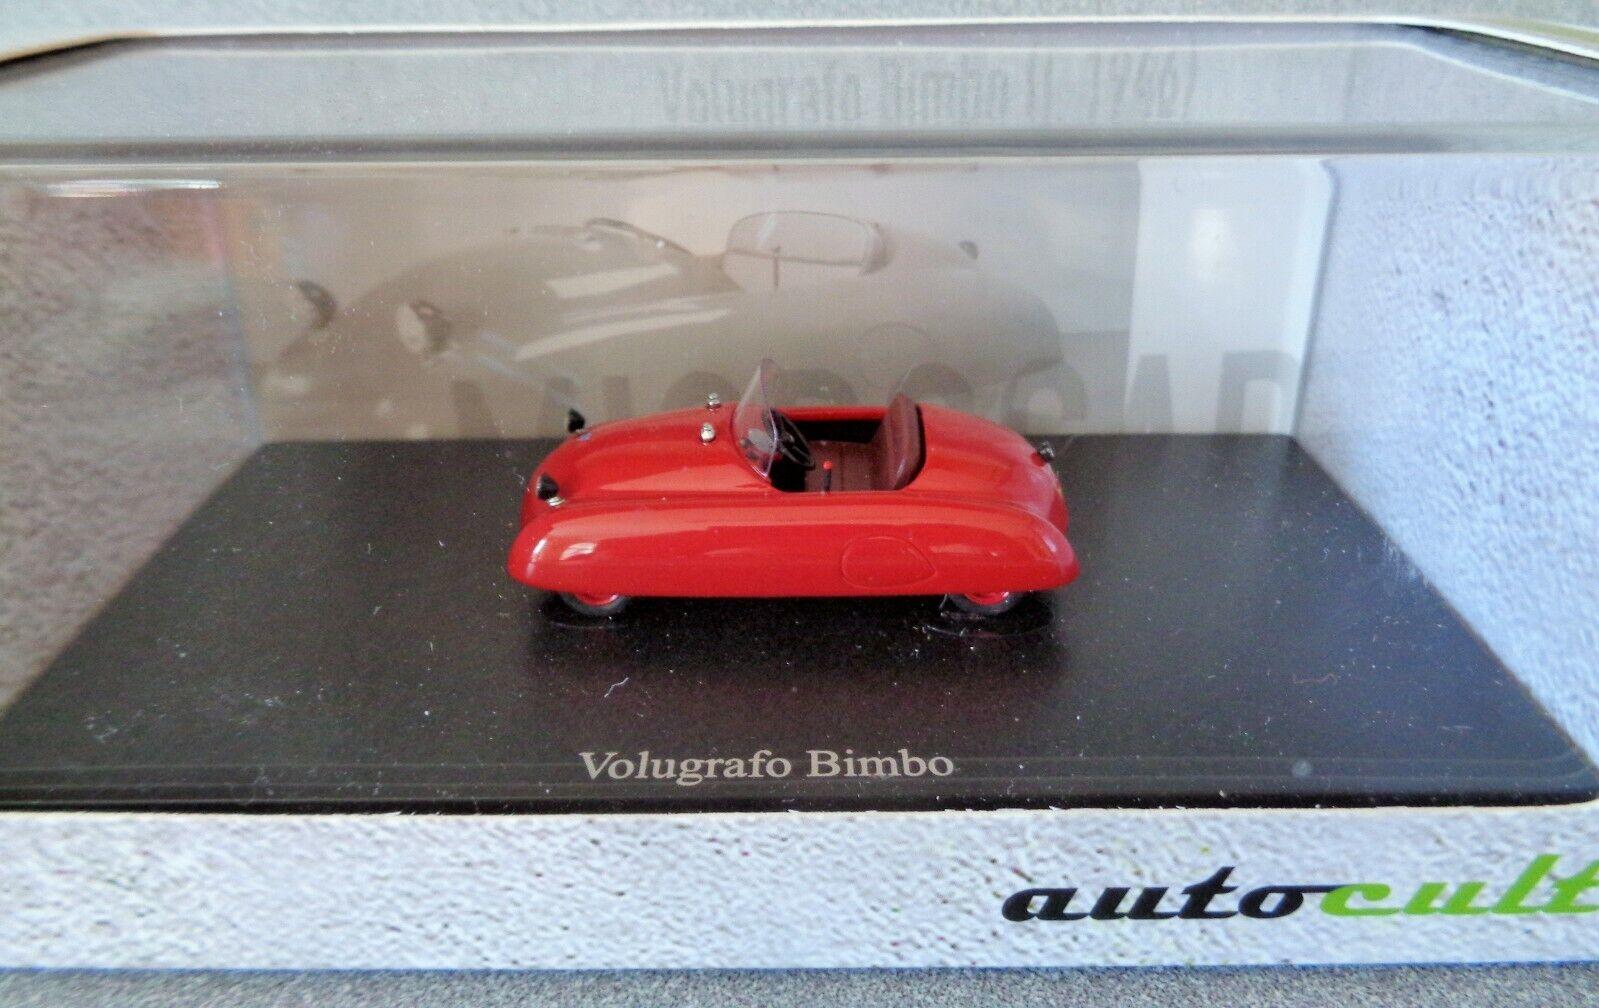 Autocult 1 43 escala 1946 Volugrafo Bimbo.. rosso.. MINT N en caja